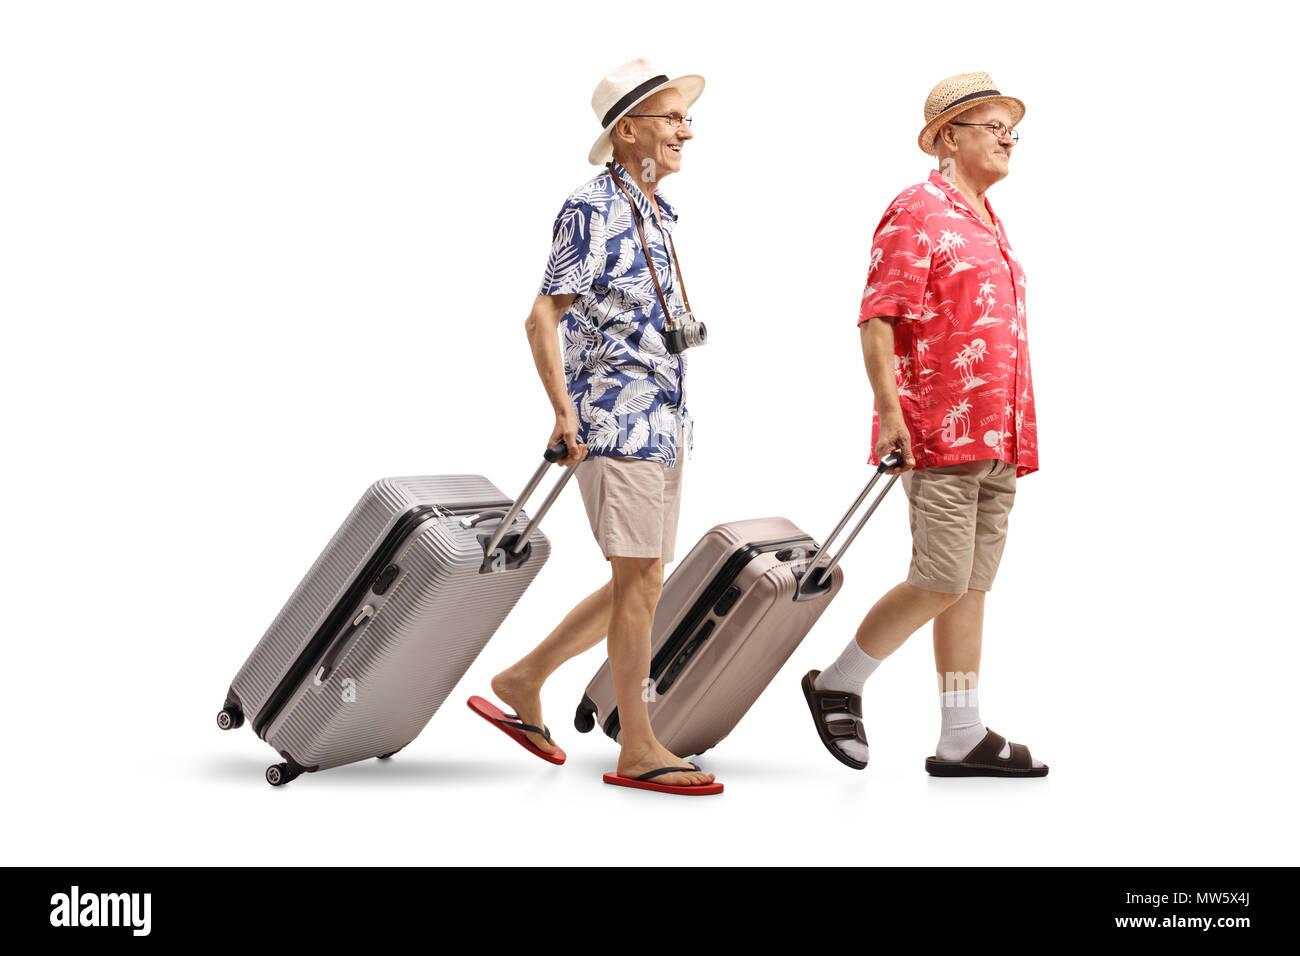 Volle Länge Profil Schuß von zwei älteren Touristen mit Koffern zu Fuß auf weißem Hintergrund Stockbild